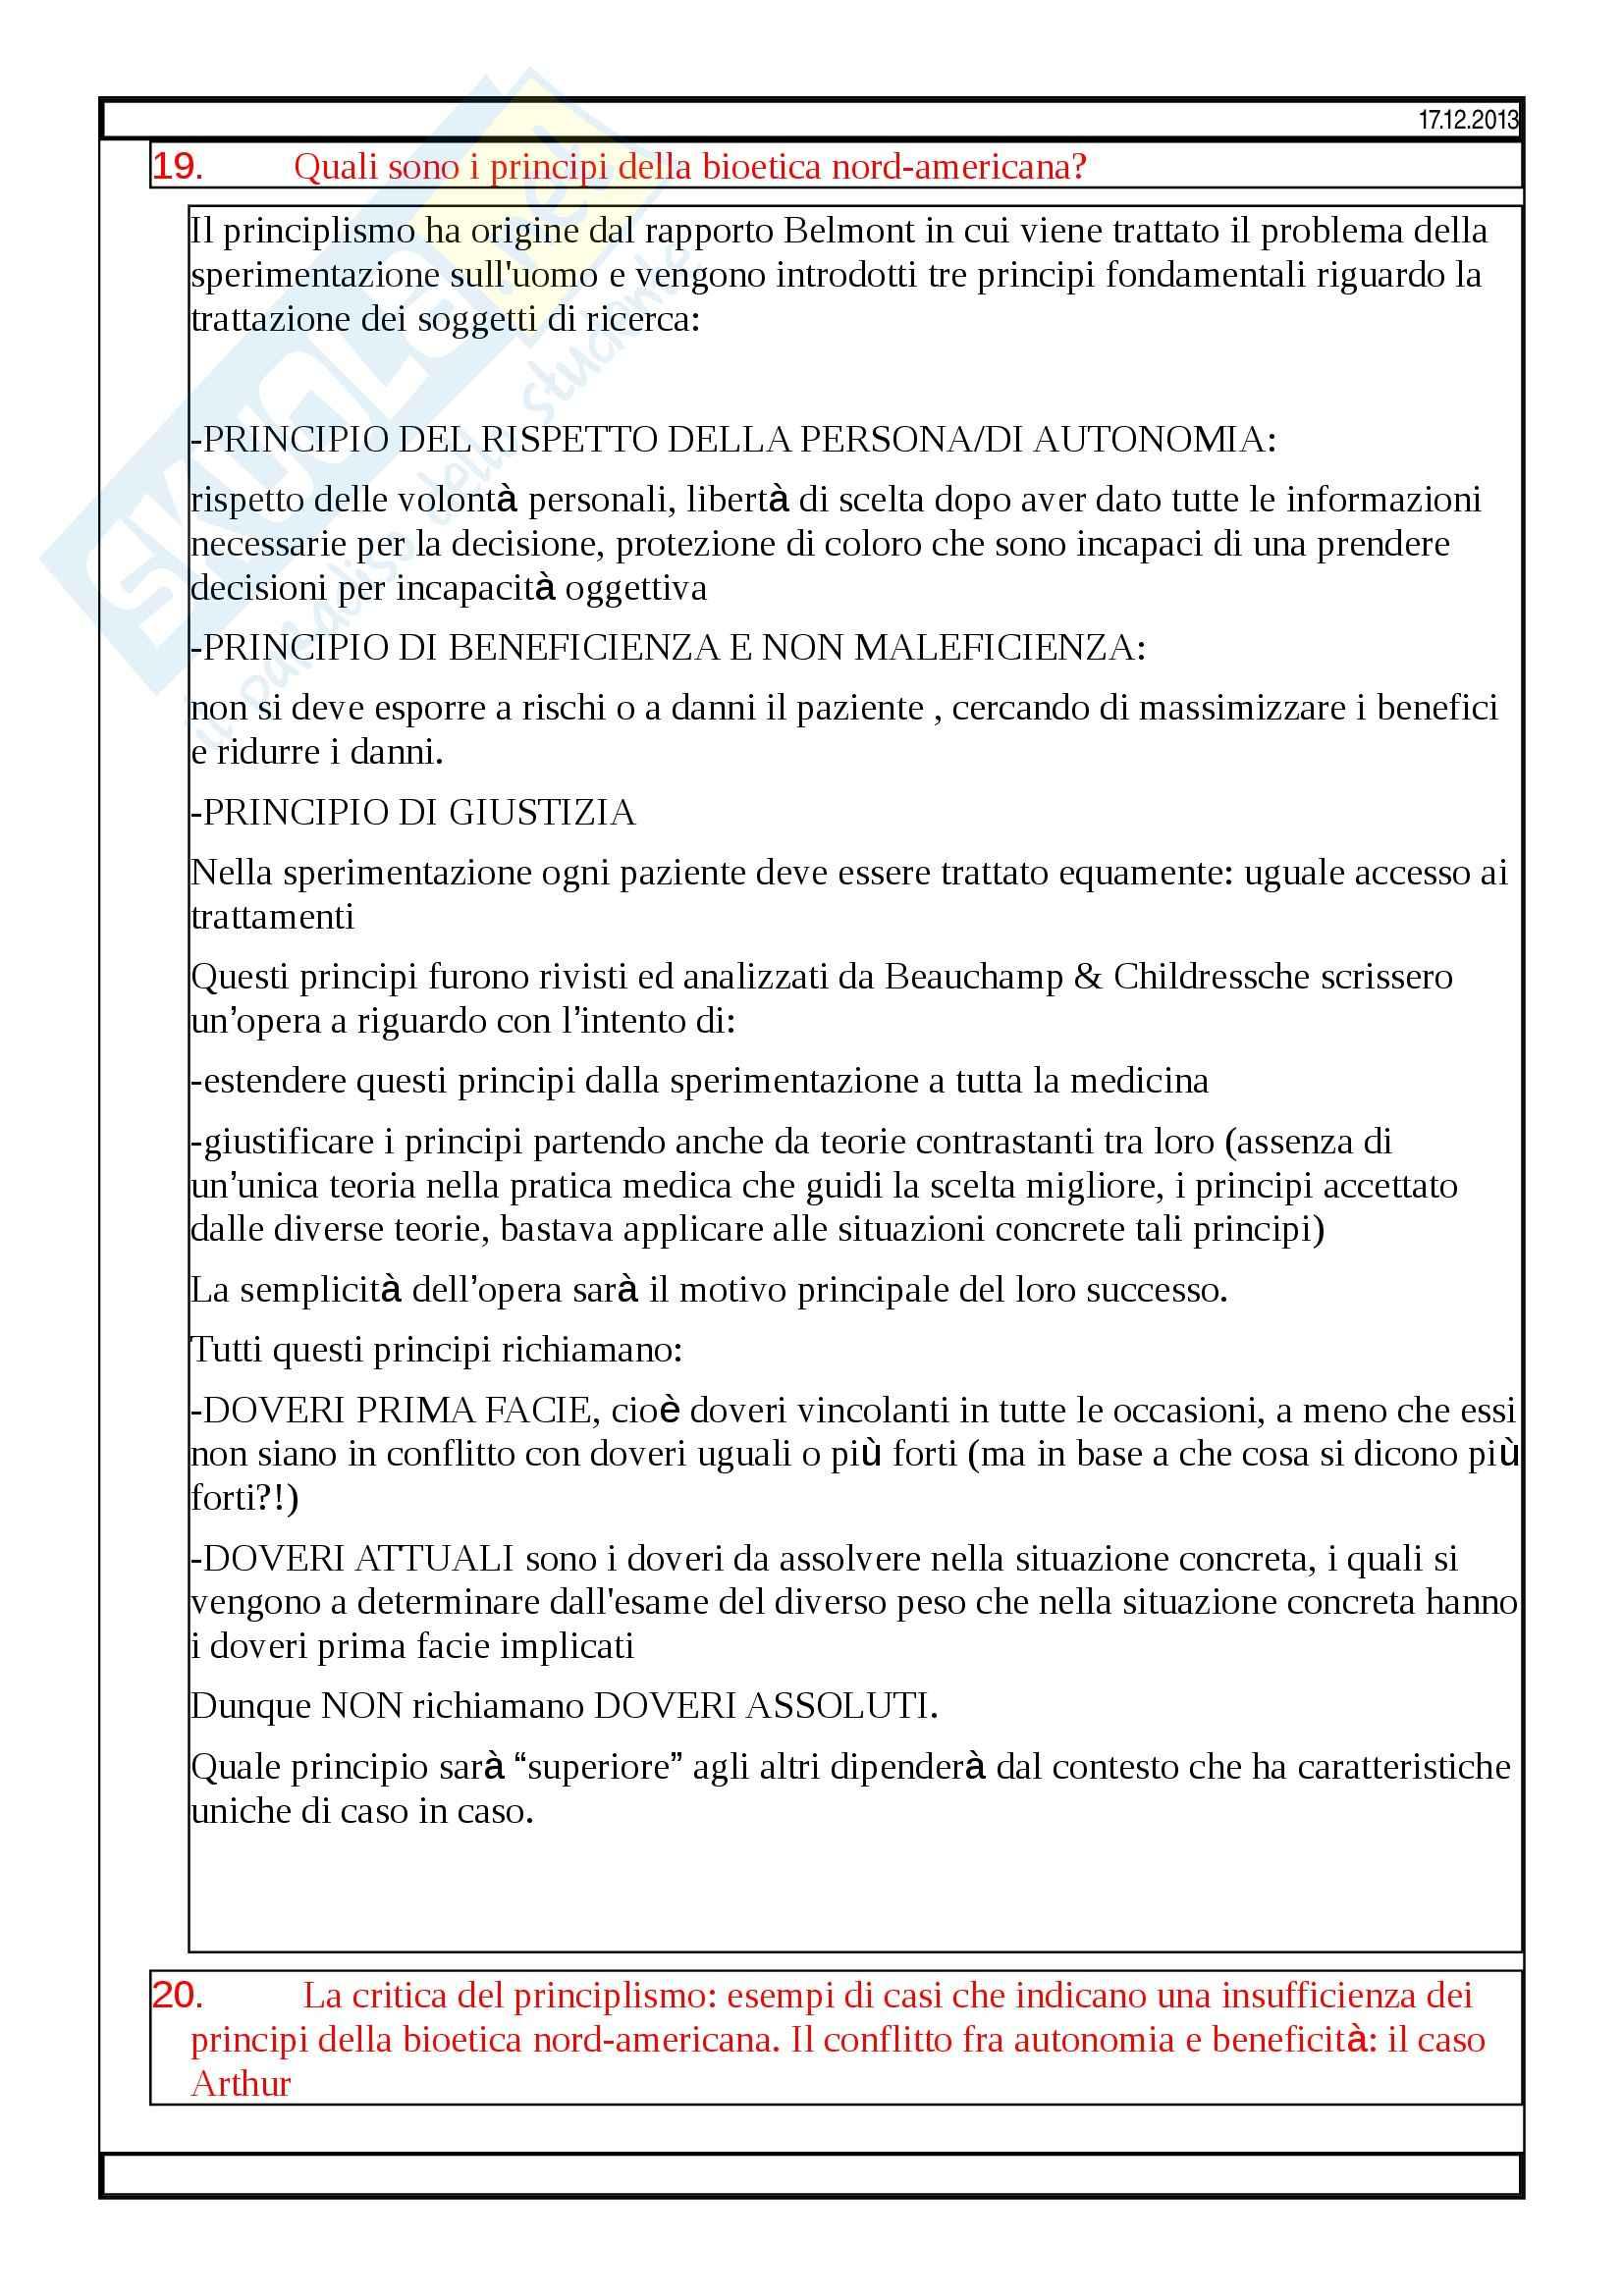 Bioetica - domande Pag. 6